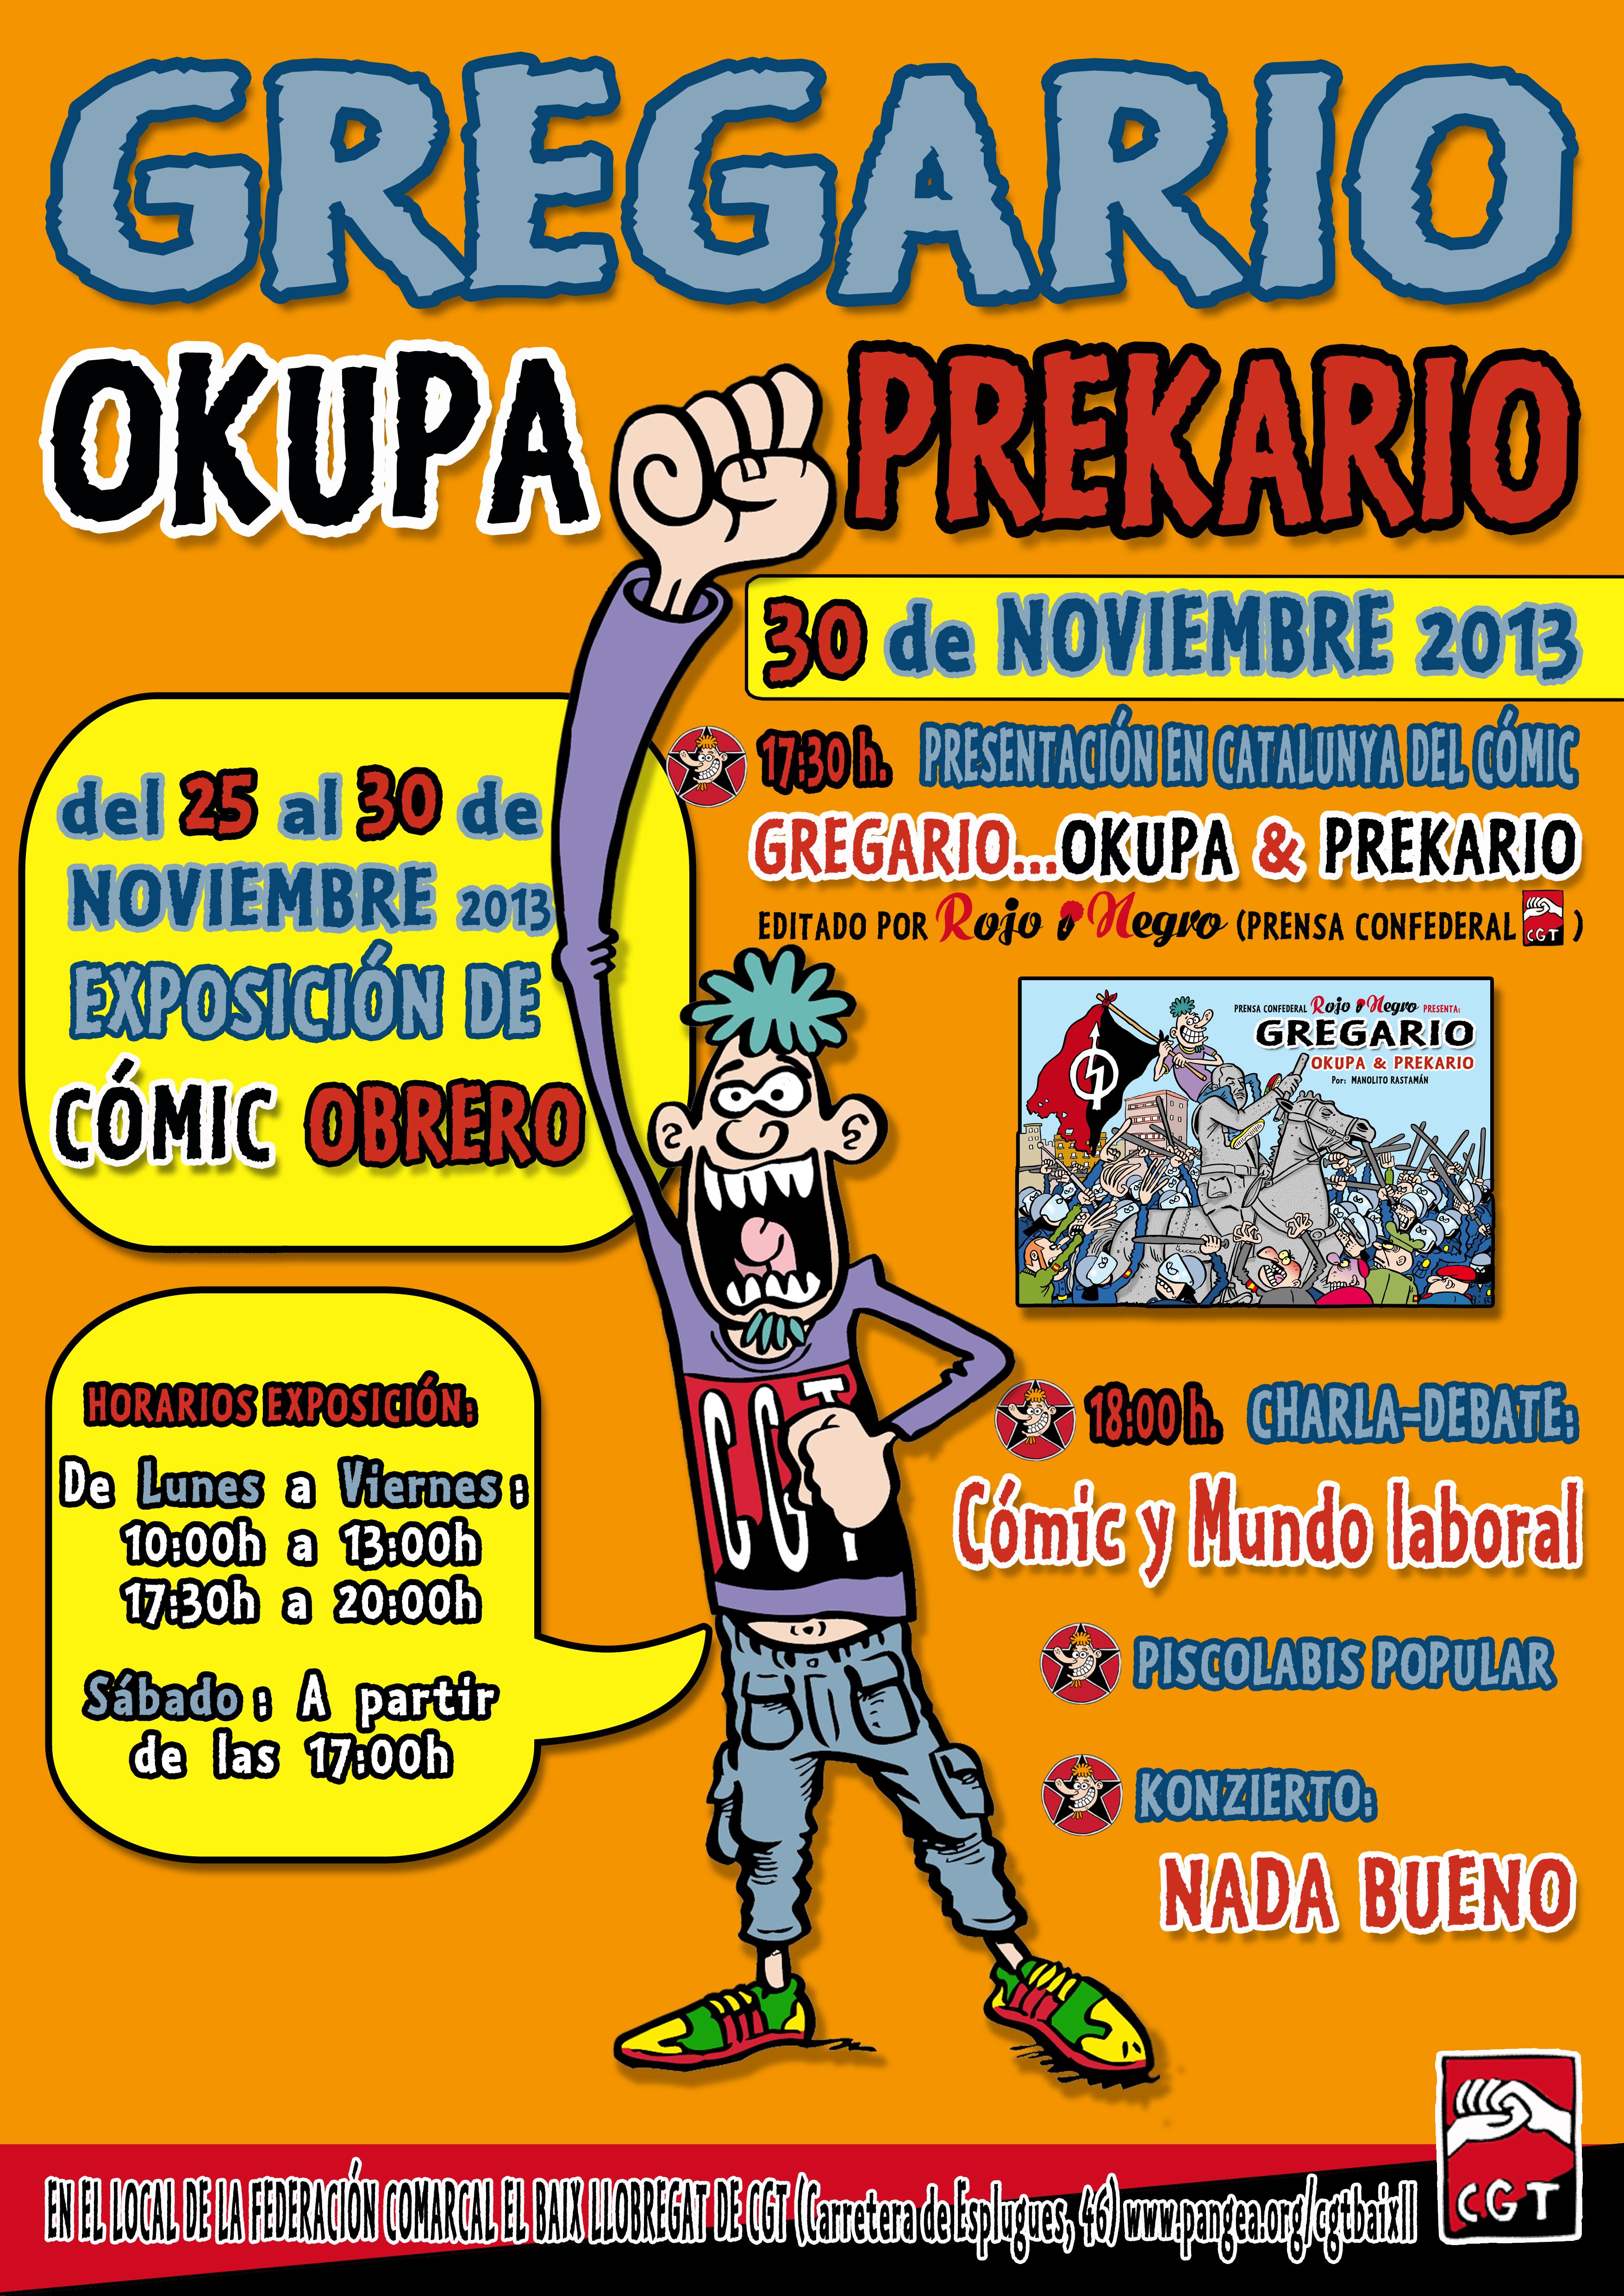 jornada de comic obrer a Fed. Comarcal Baix Llobregat a #Cornellà del #25N al #30N